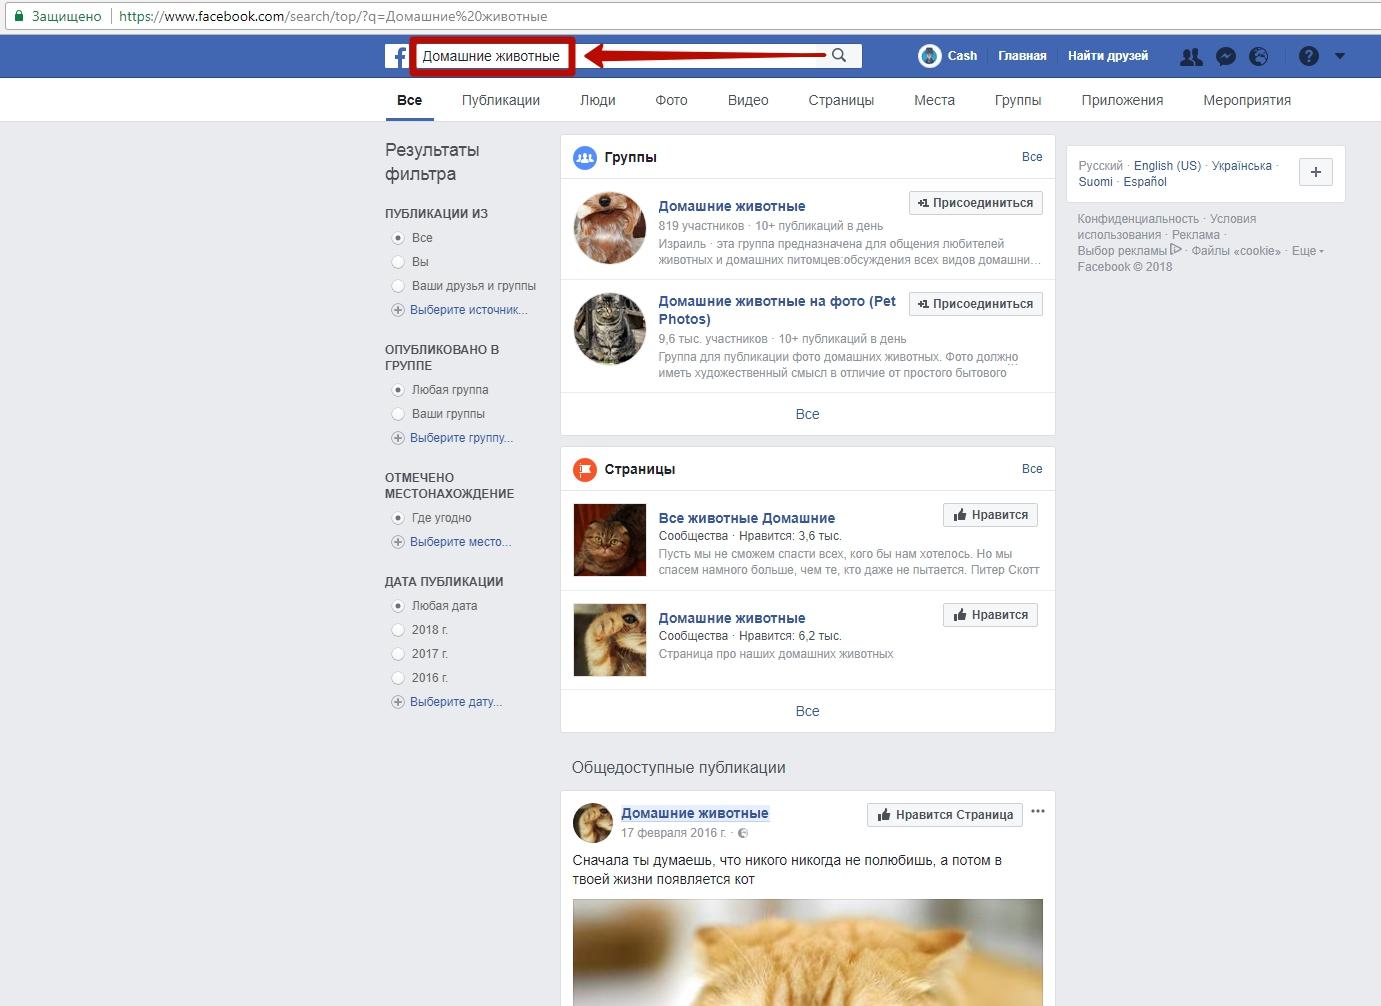 Как найти группу в Фейсбук - пошаговая инструкция